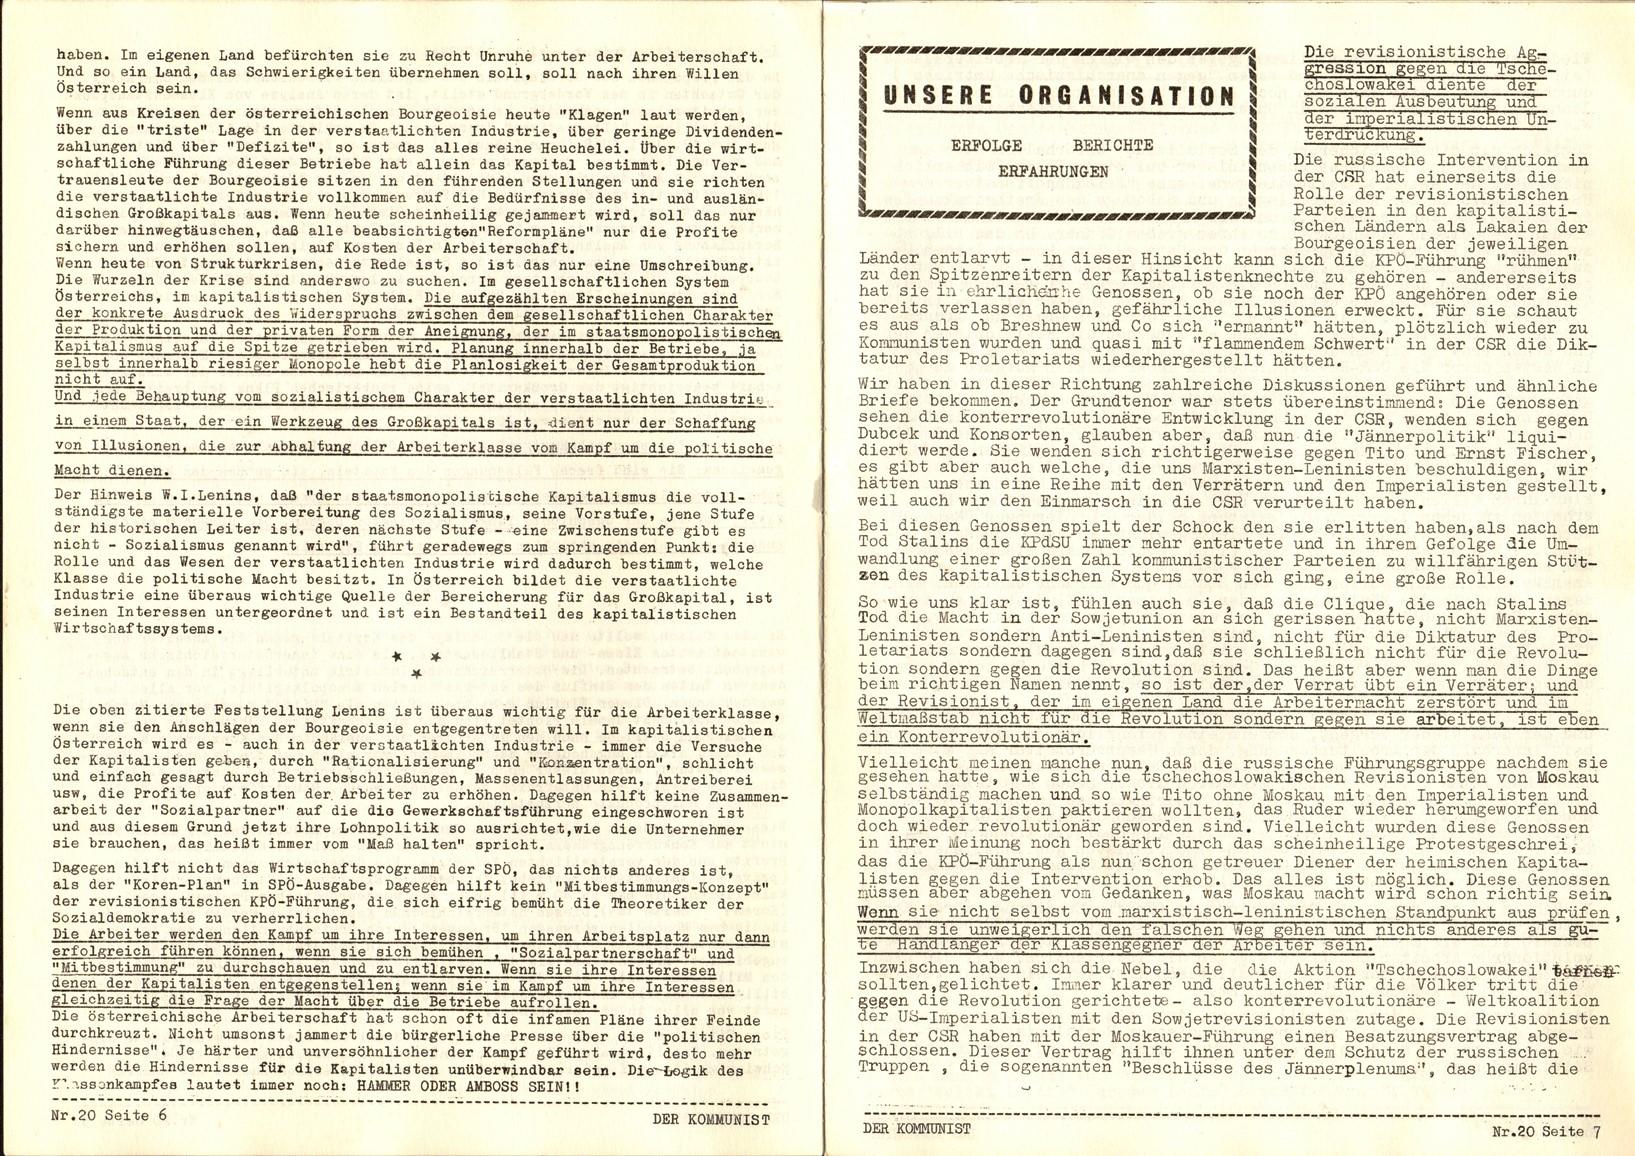 VRA_Der_Kommunist_19681000_04